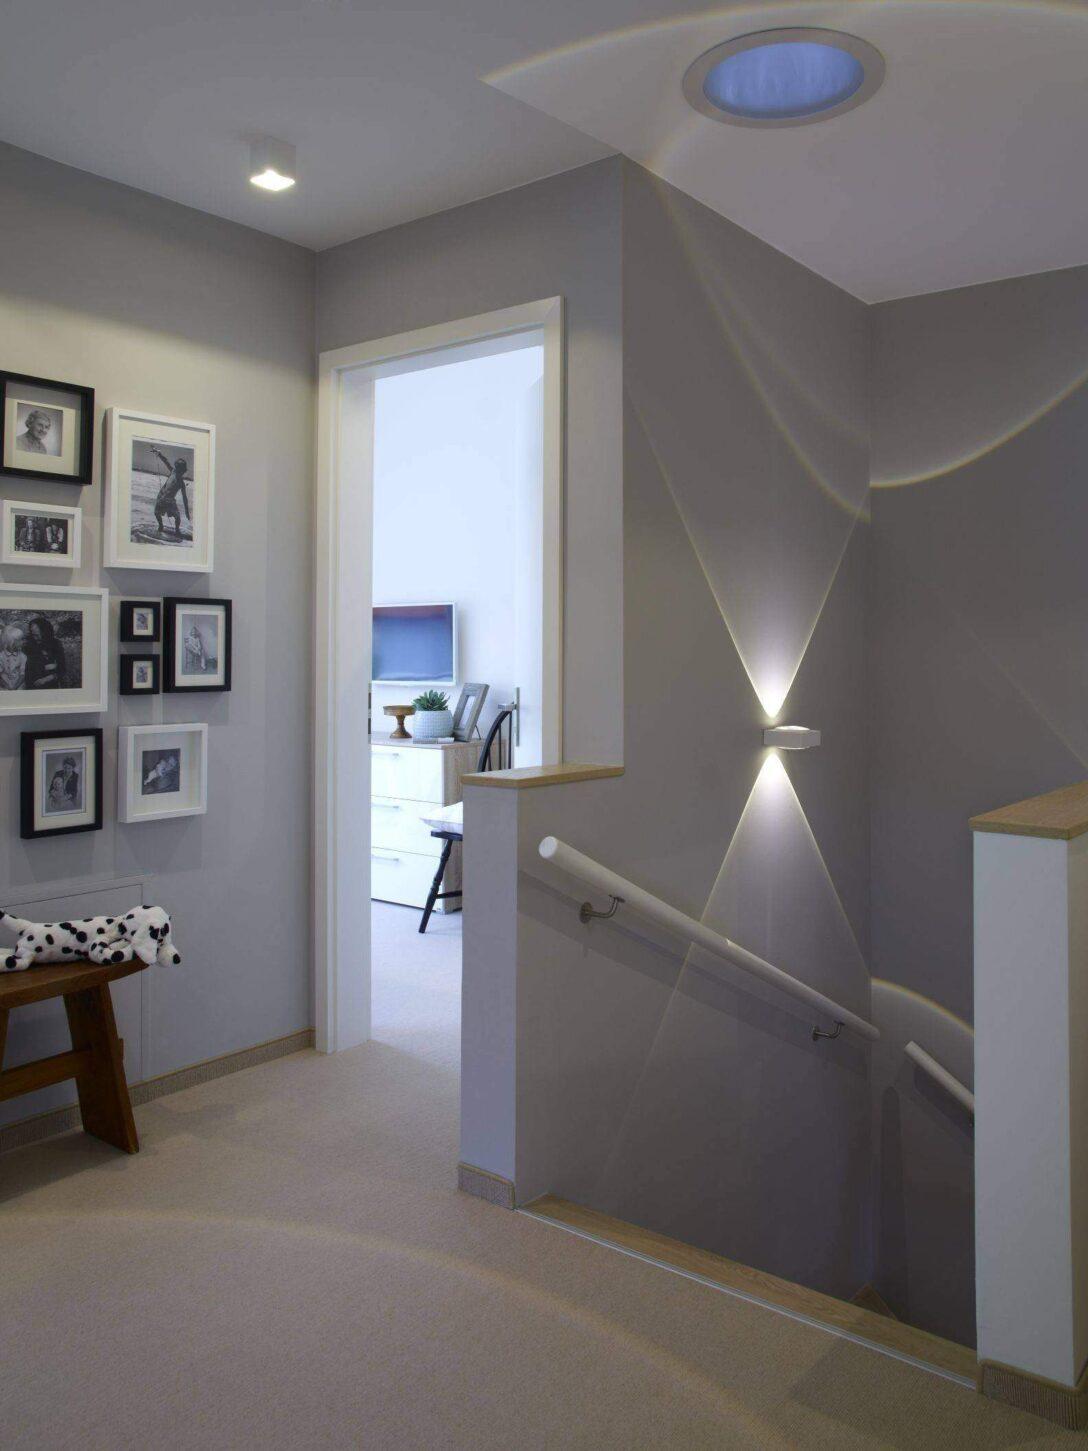 Large Size of Deckenlampe Bad Deckenstrahler Wohnzimmer Küche Led Deckenleuchte Badezimmer Gestalten Deckenlampen Modern Decken Moderne Kleines Neu Deckenleuchten Wohnzimmer Decke Gestalten